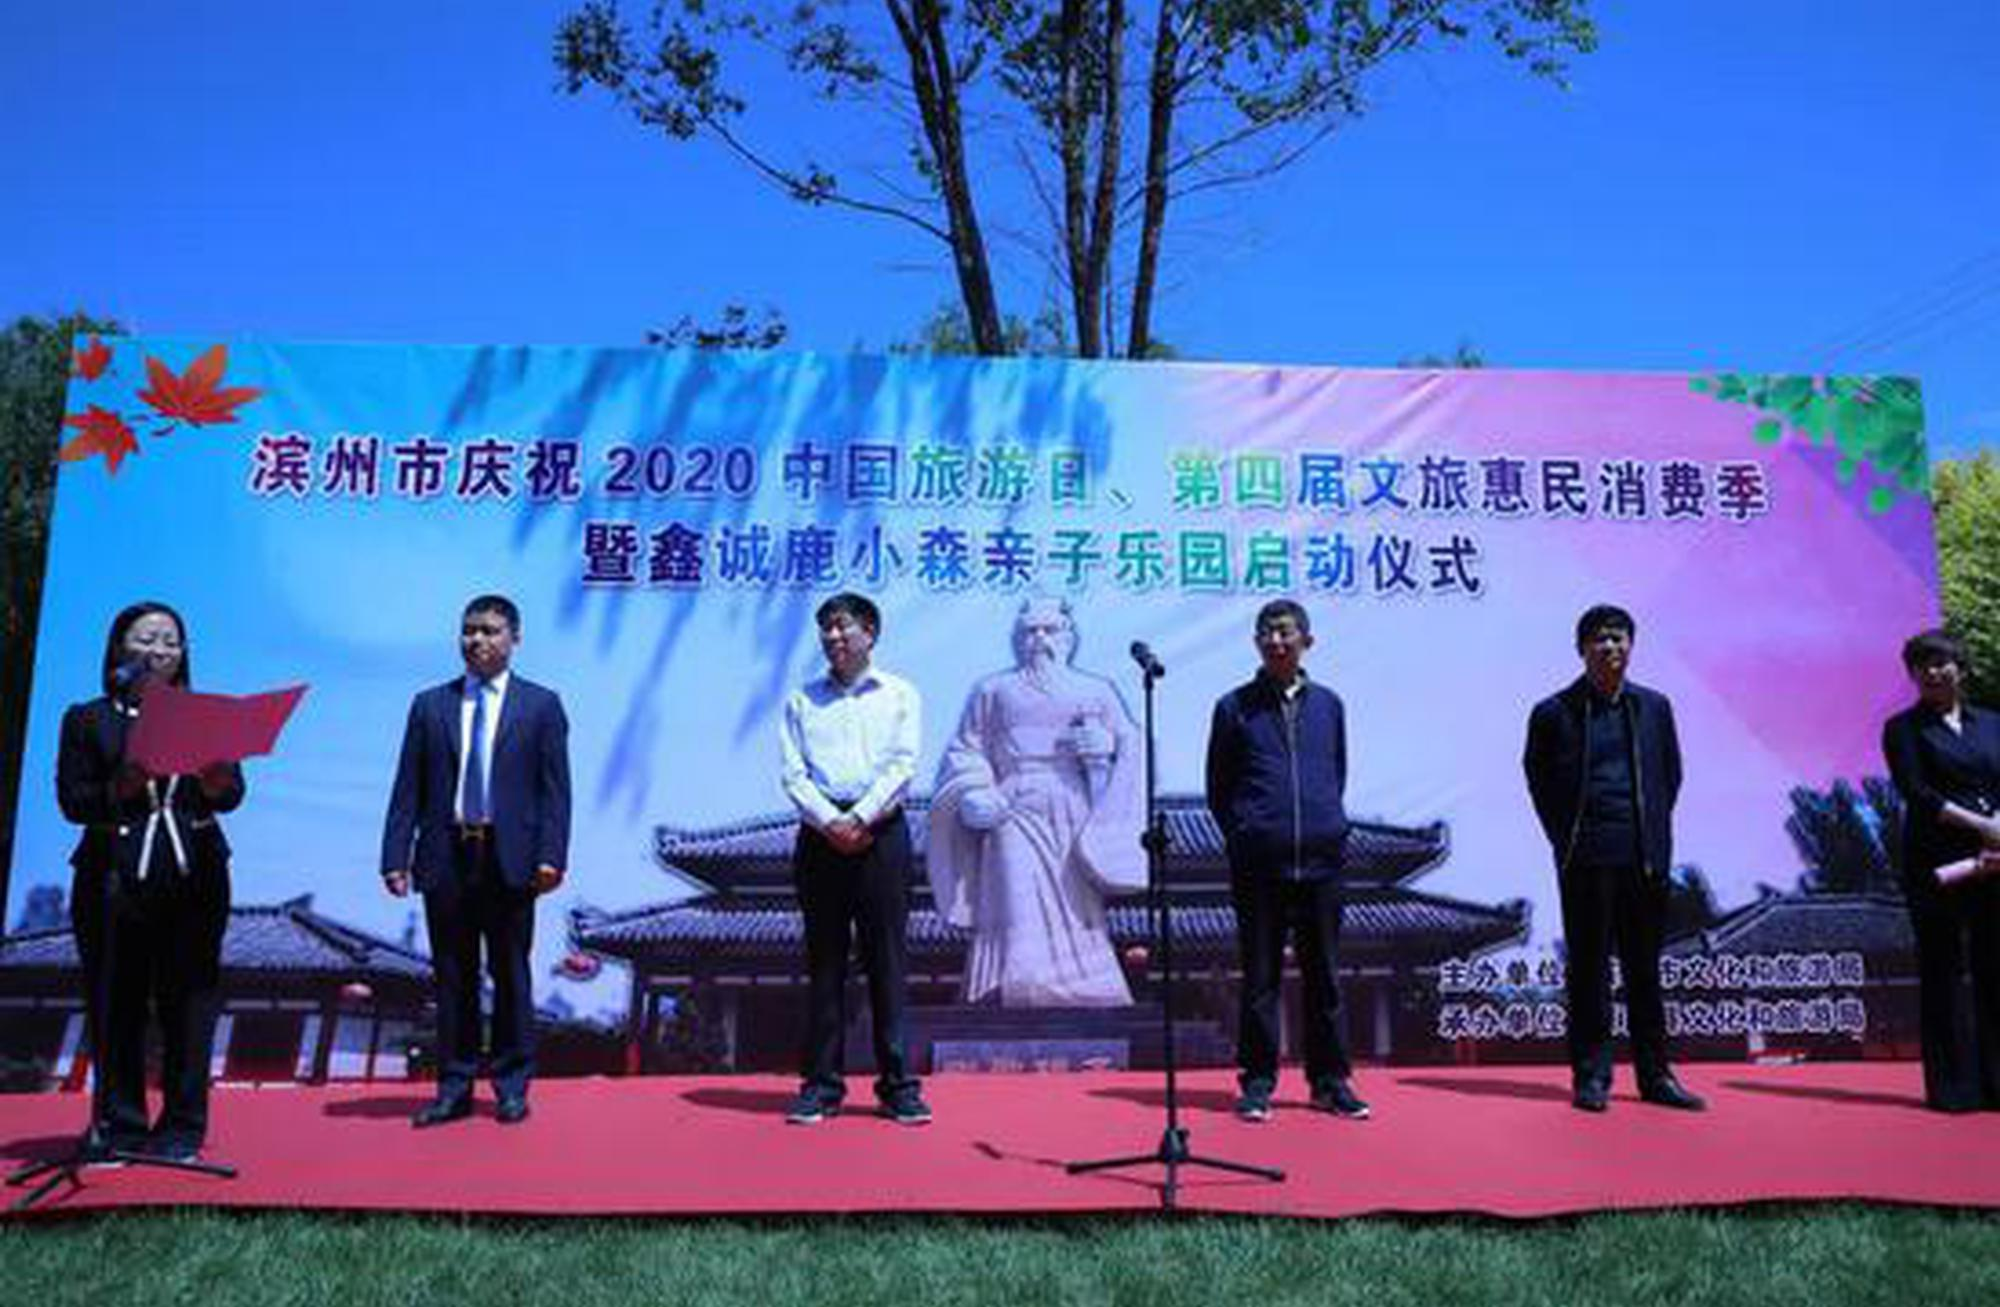 惠民举办2020中国旅游日庆祝活动